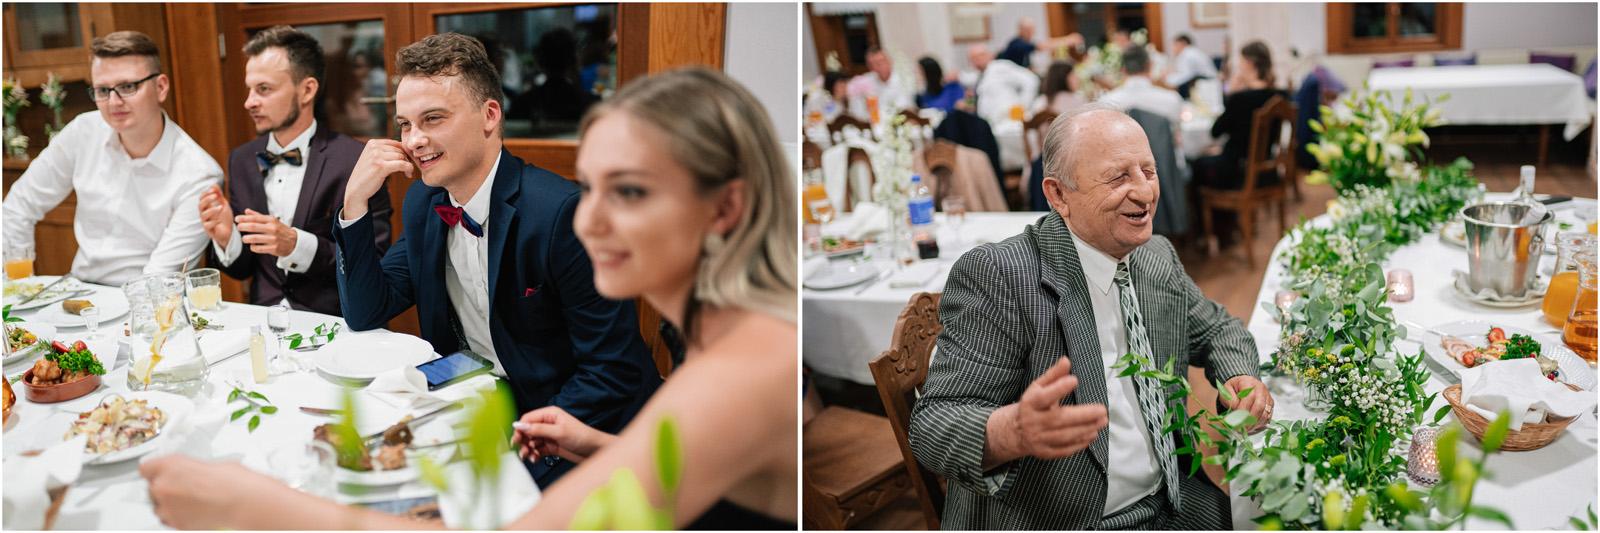 Kasia & Damian   ślub plenerowy w Kuźni Smaków i sesja w skansenie 95